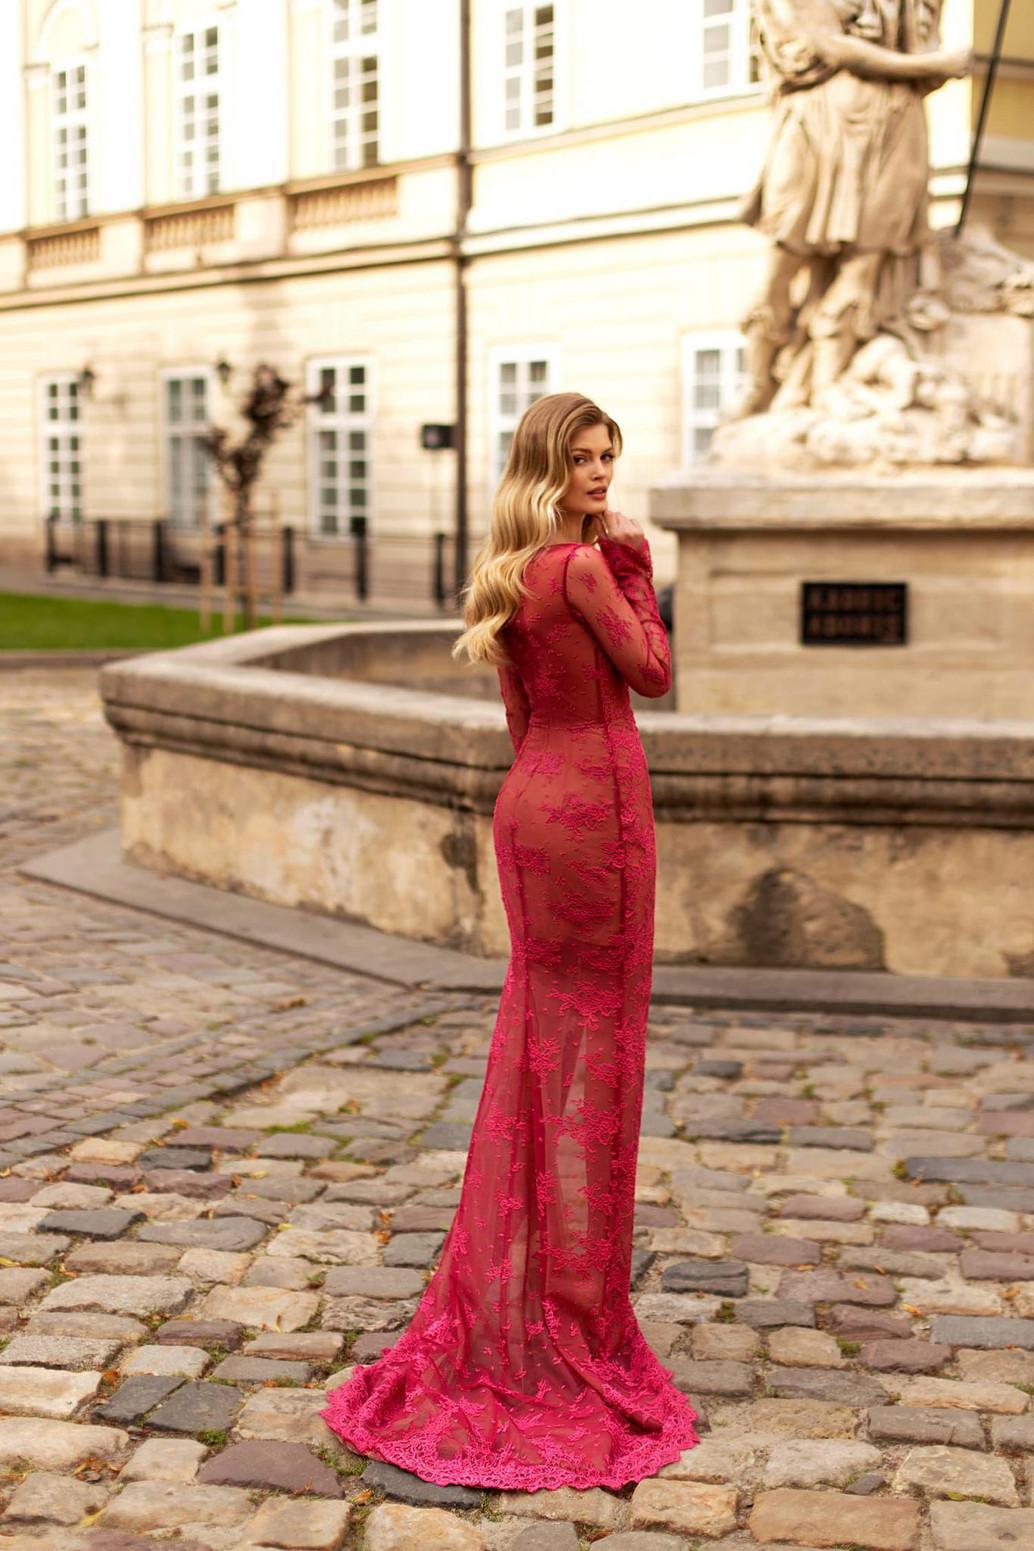 Night Dress 21-V-003a.jpg